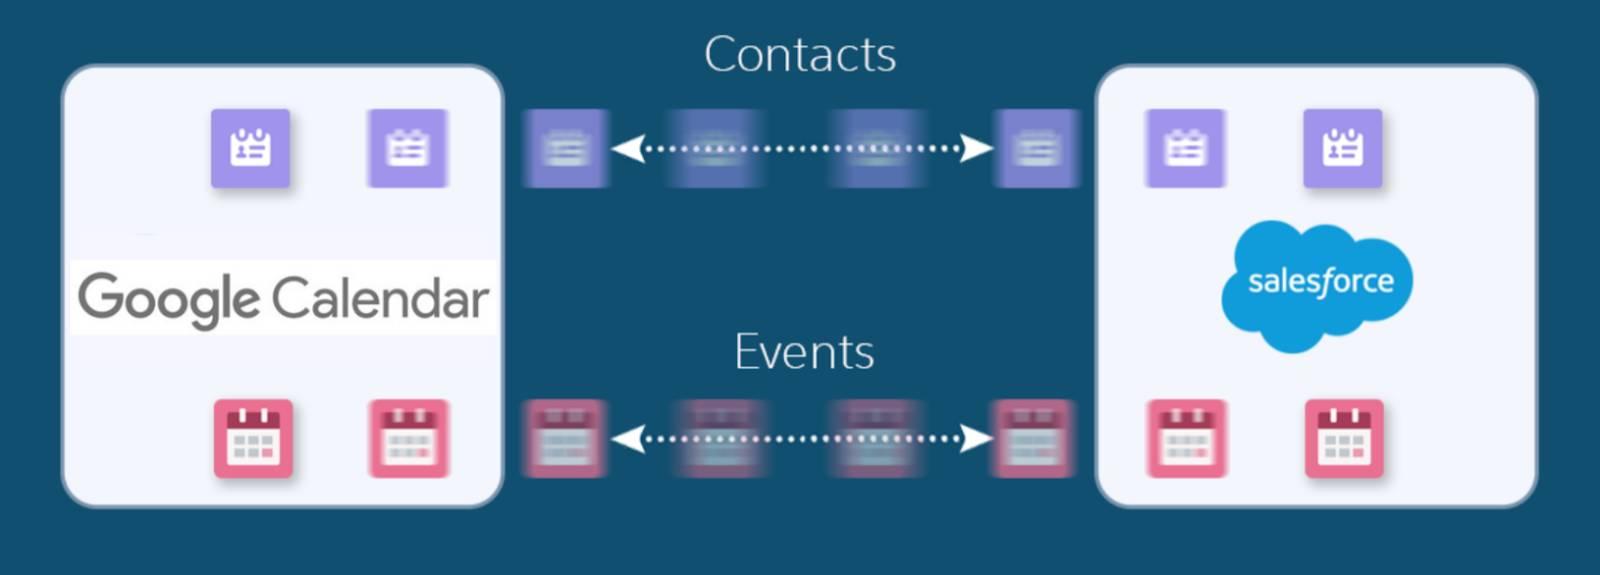 Le flux des données entre Agenda et Salesforce est bidirectionnel, à la fois pour les contacts et les événements.